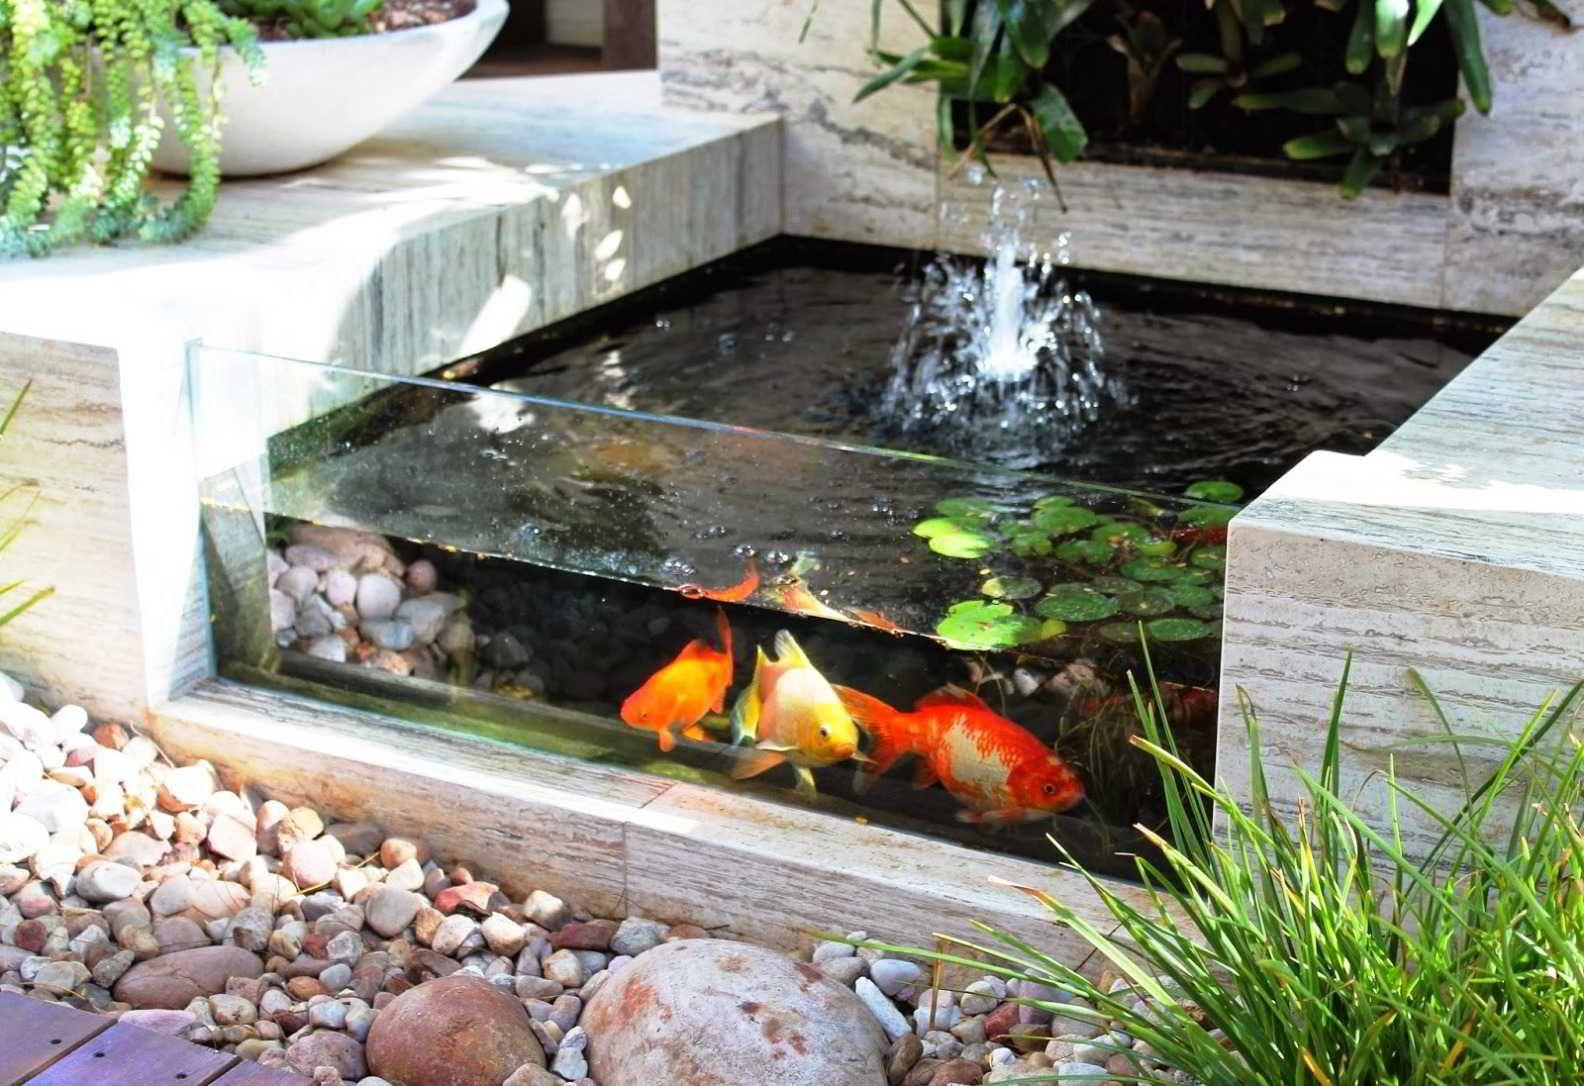 Taman Minimalis Cantik Dengan Kolam Ikan Ides Kolam Ikan